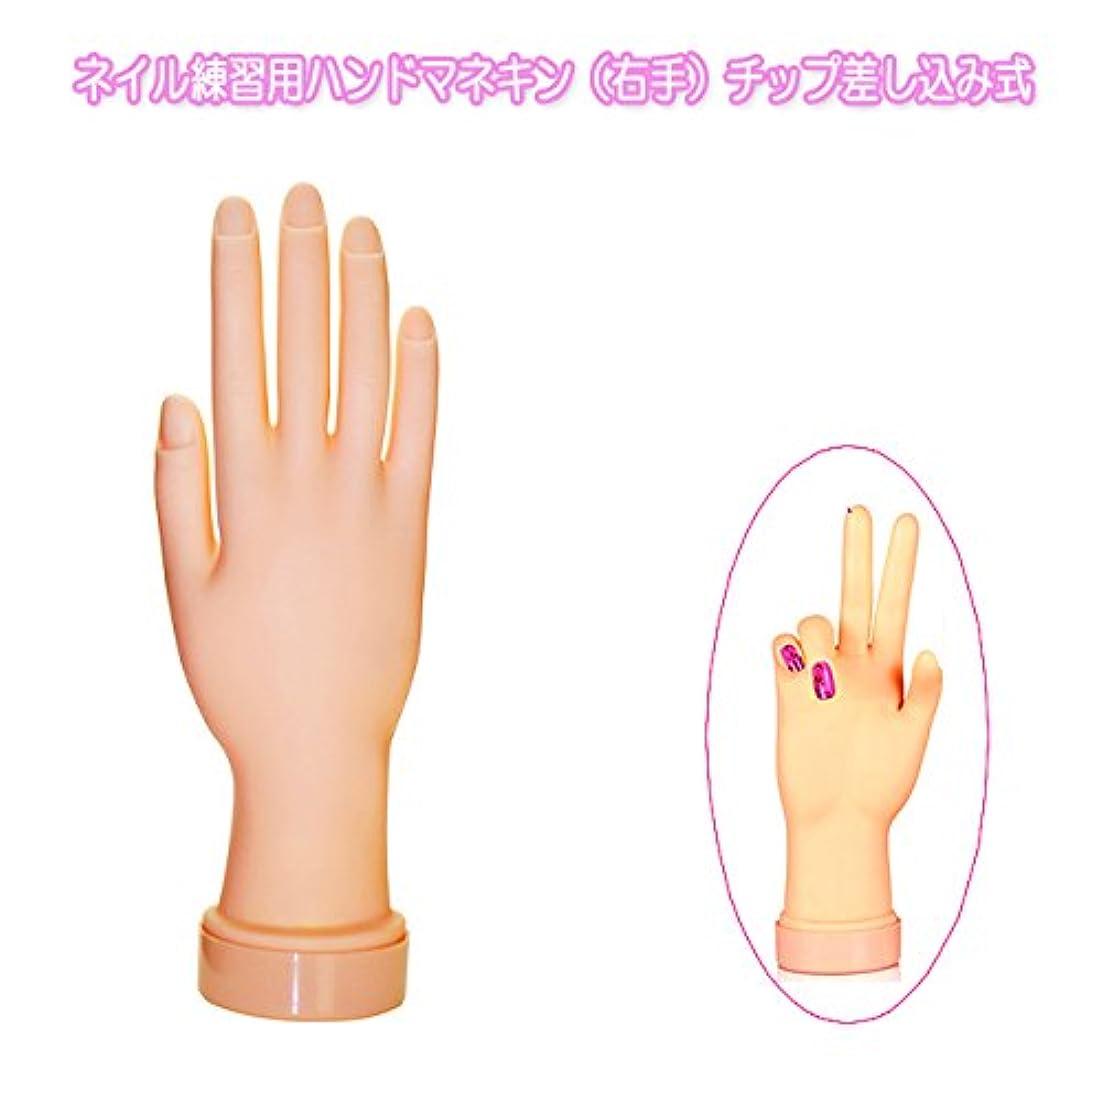 ベルベットプロペラロイヤリティネイル練習用ハンドマネキン(右手)チップ差し込み式